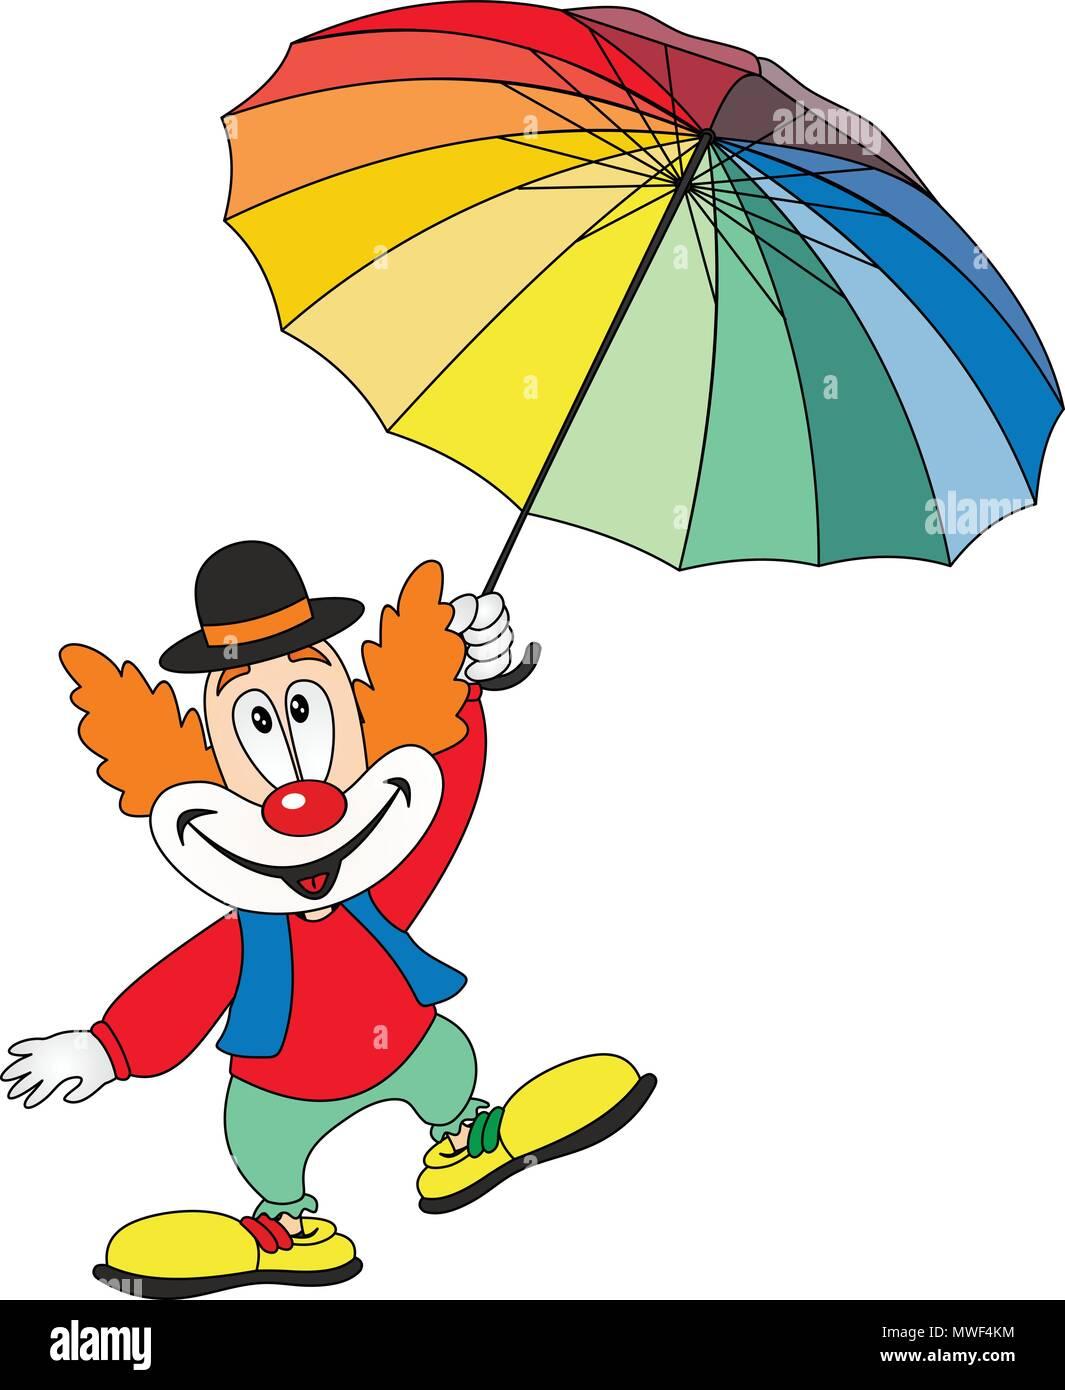 Cartoon funny clown holding an umbrella - Stock Vector